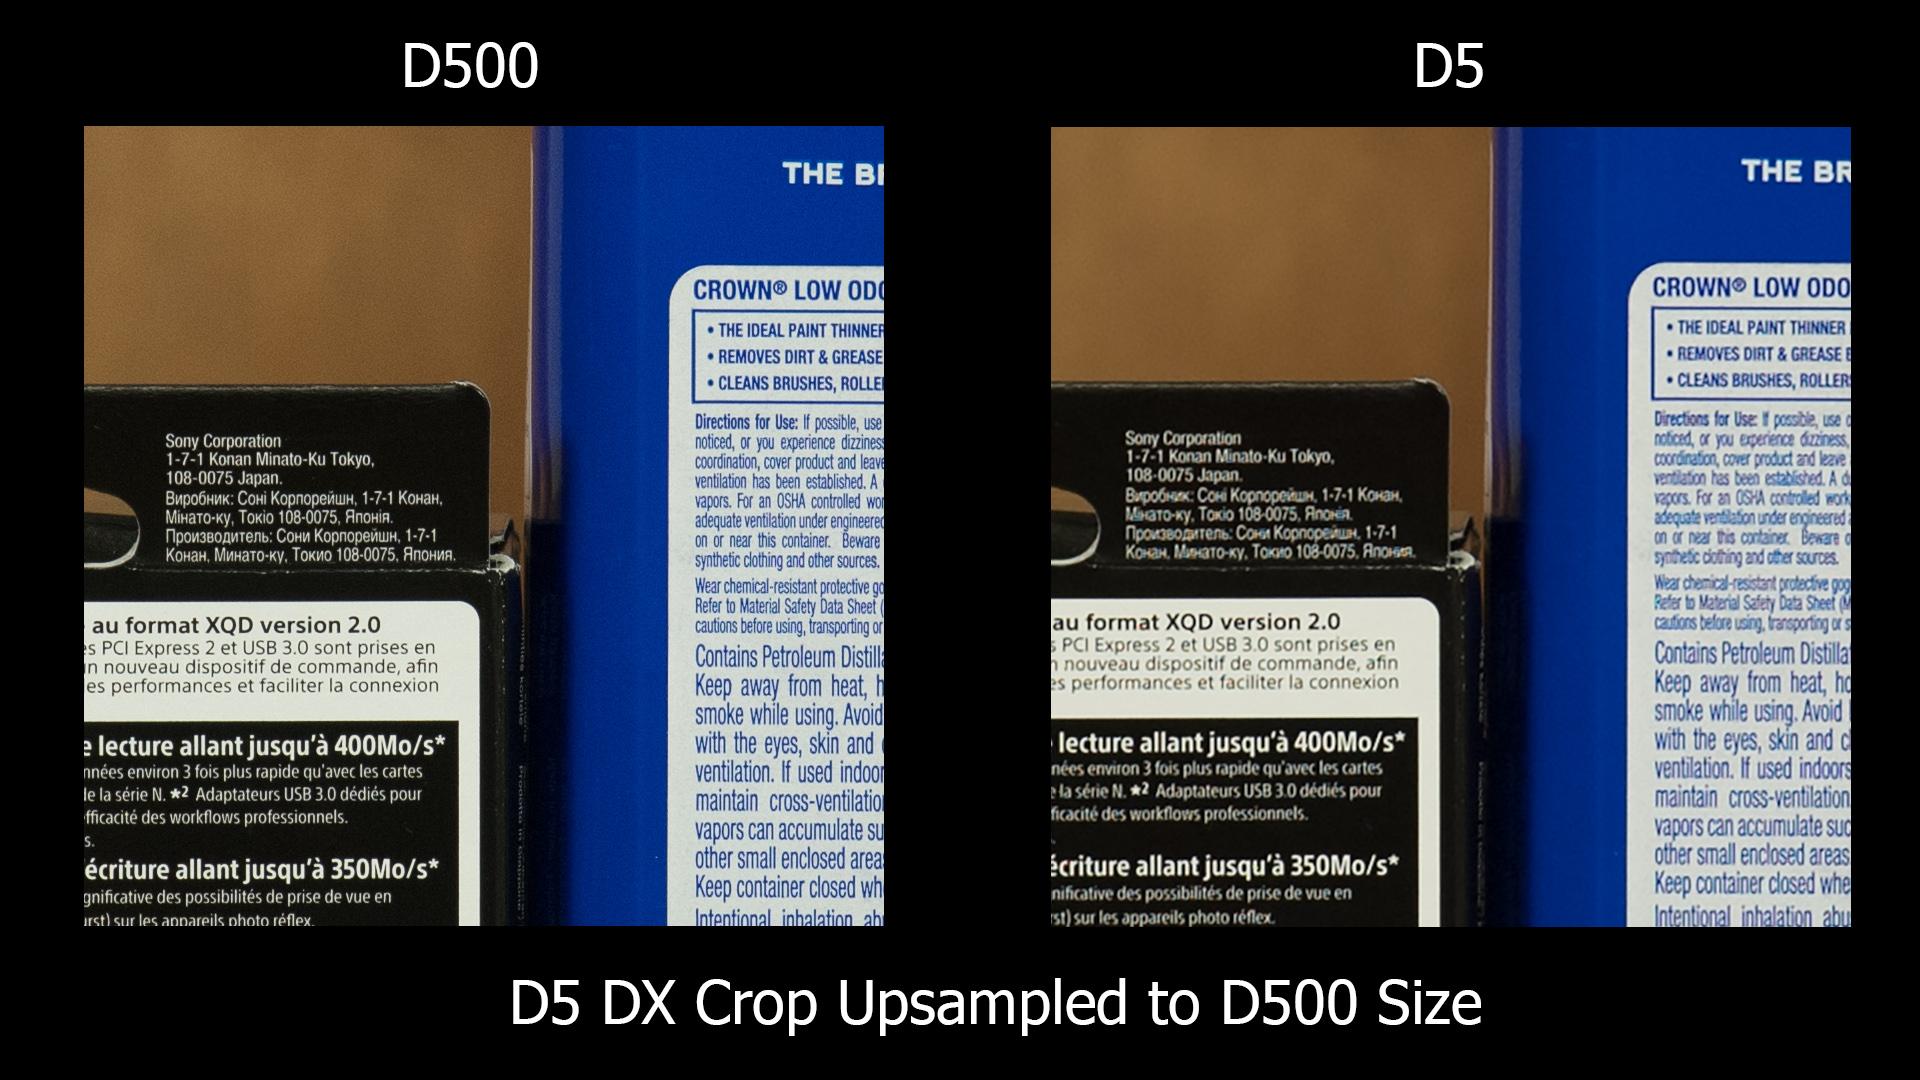 D500 v D5 (upsized)